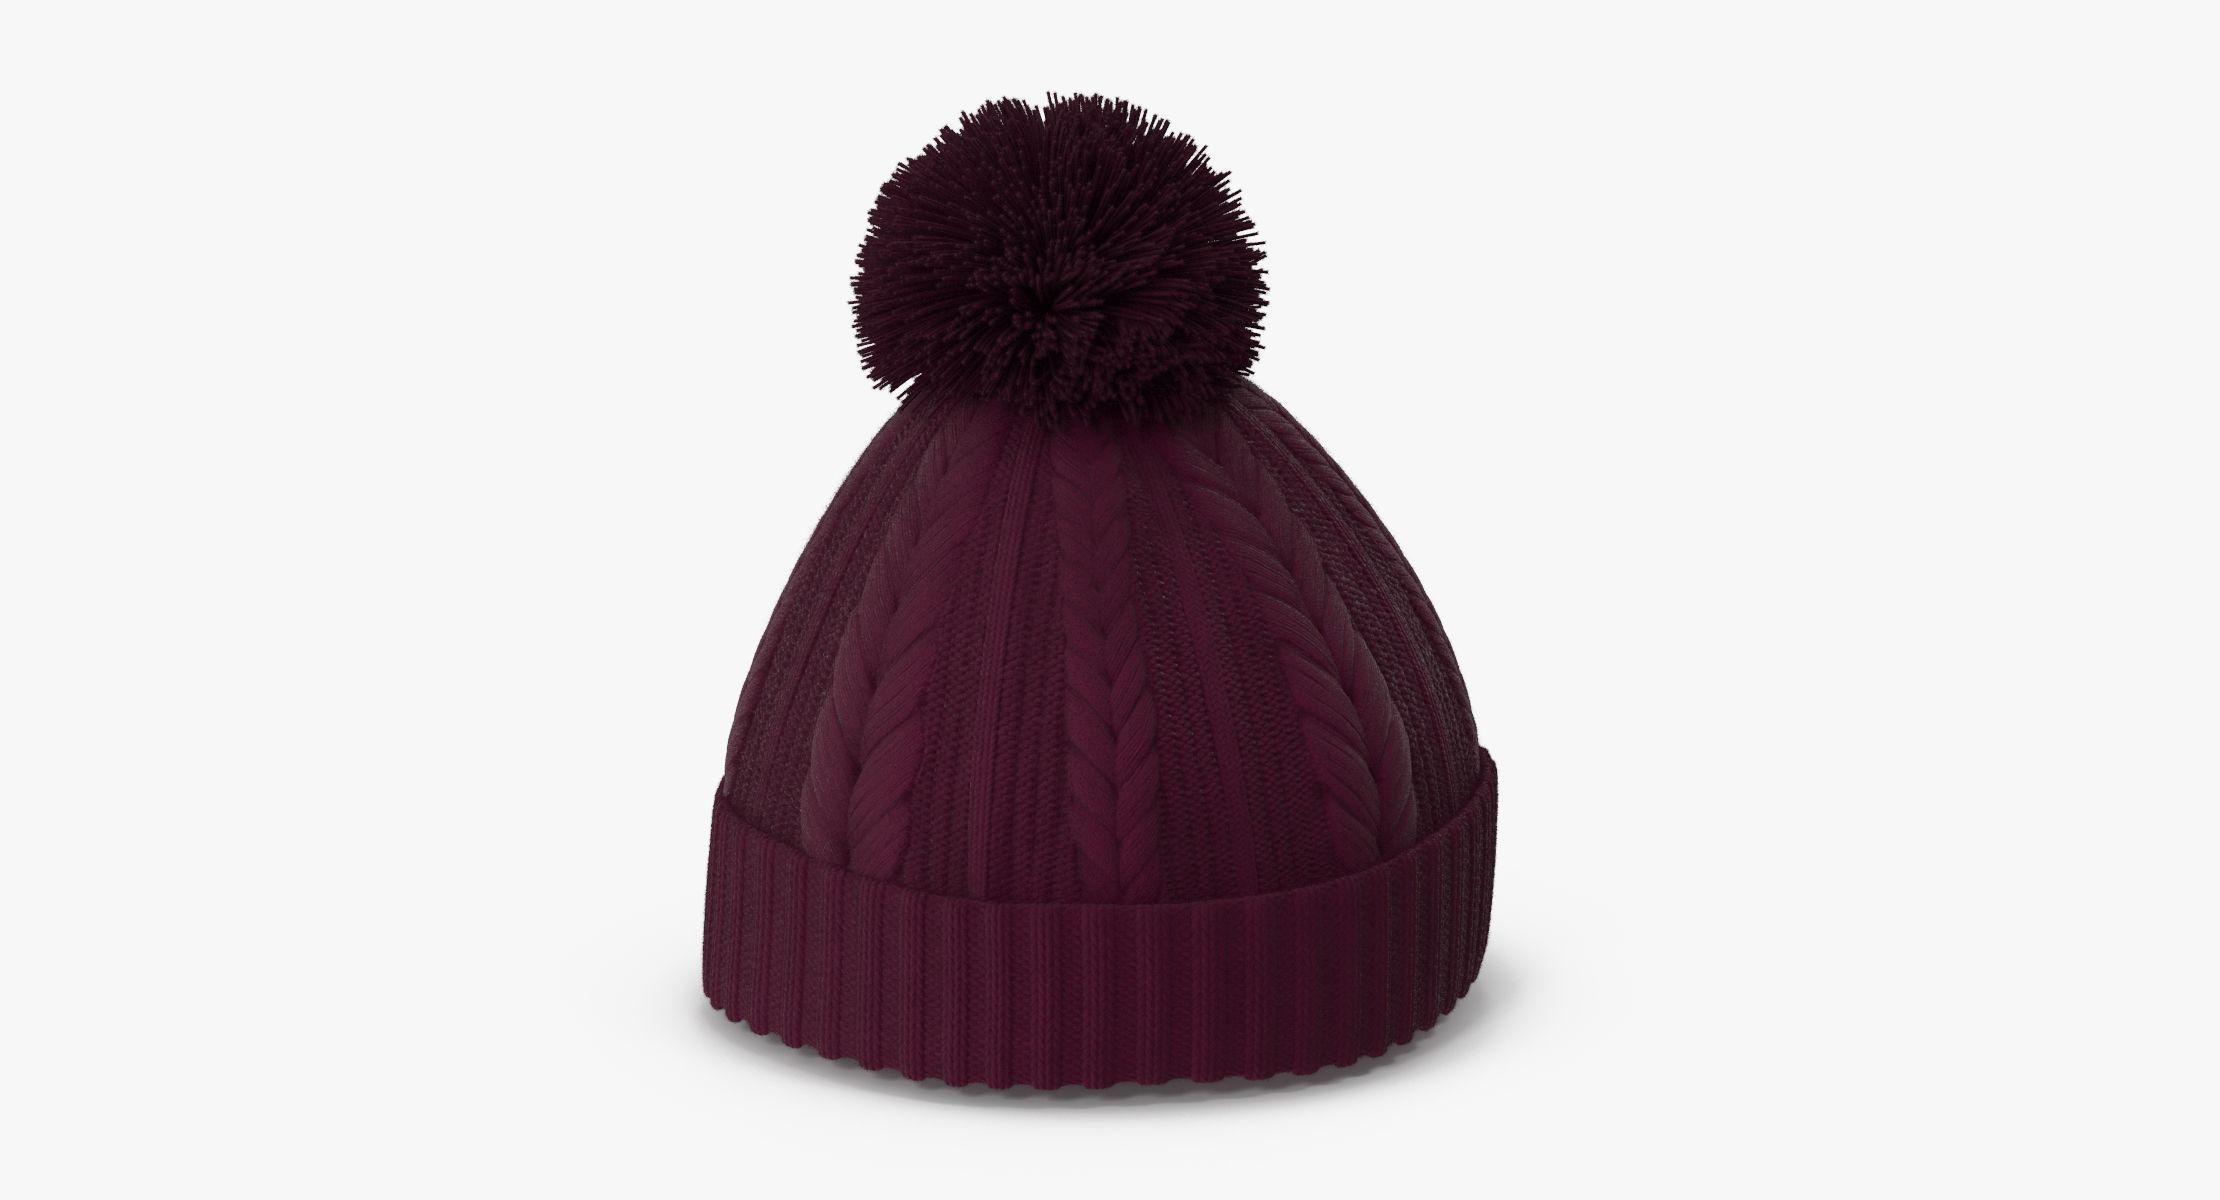 Winter Hat 01 - reel 1